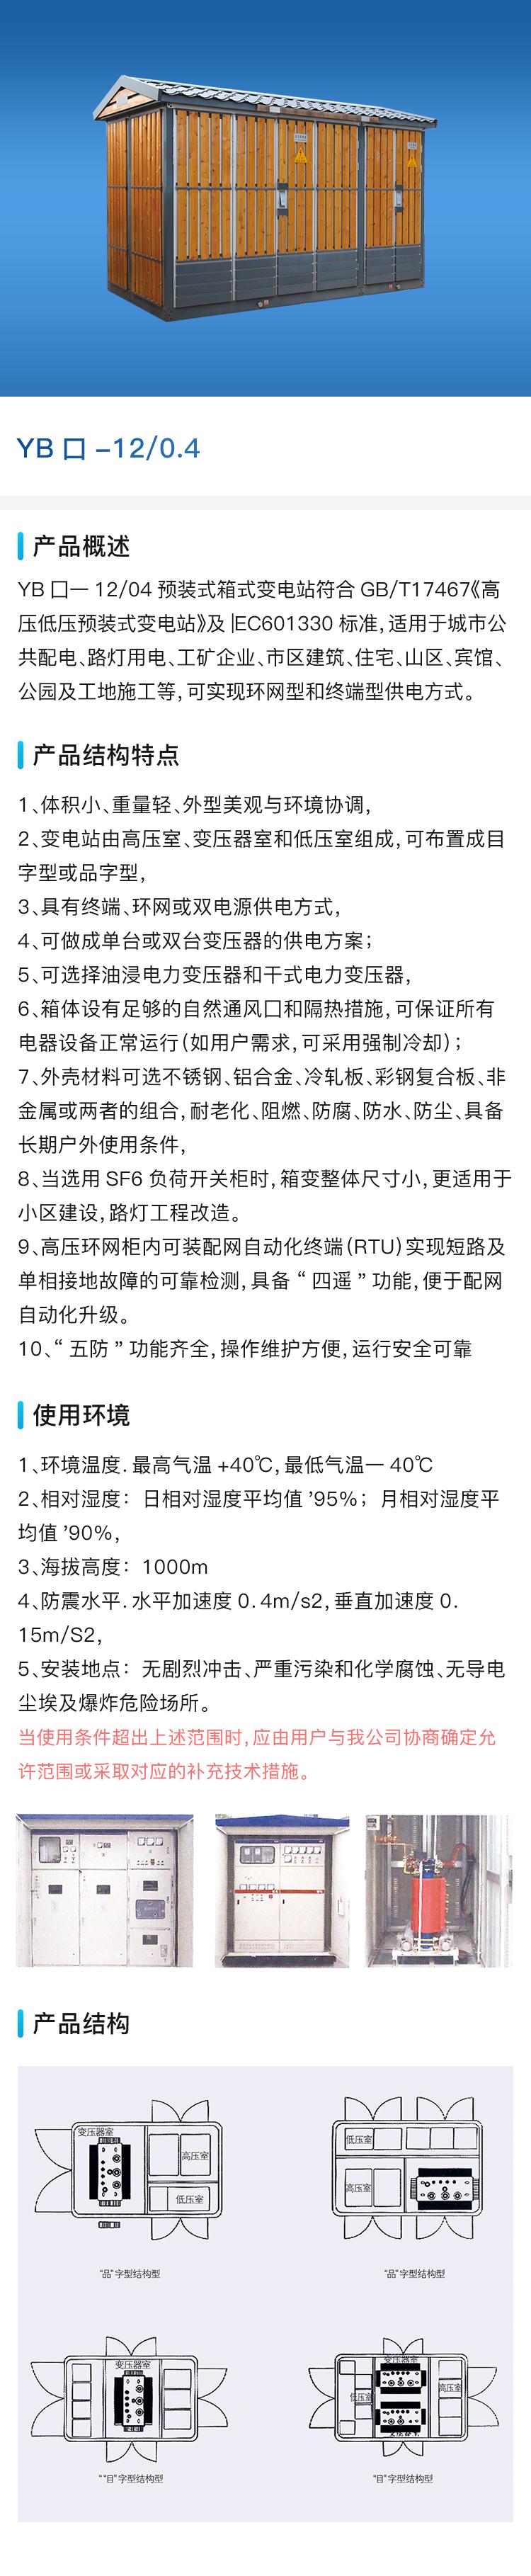 YB口-12_0.4.png